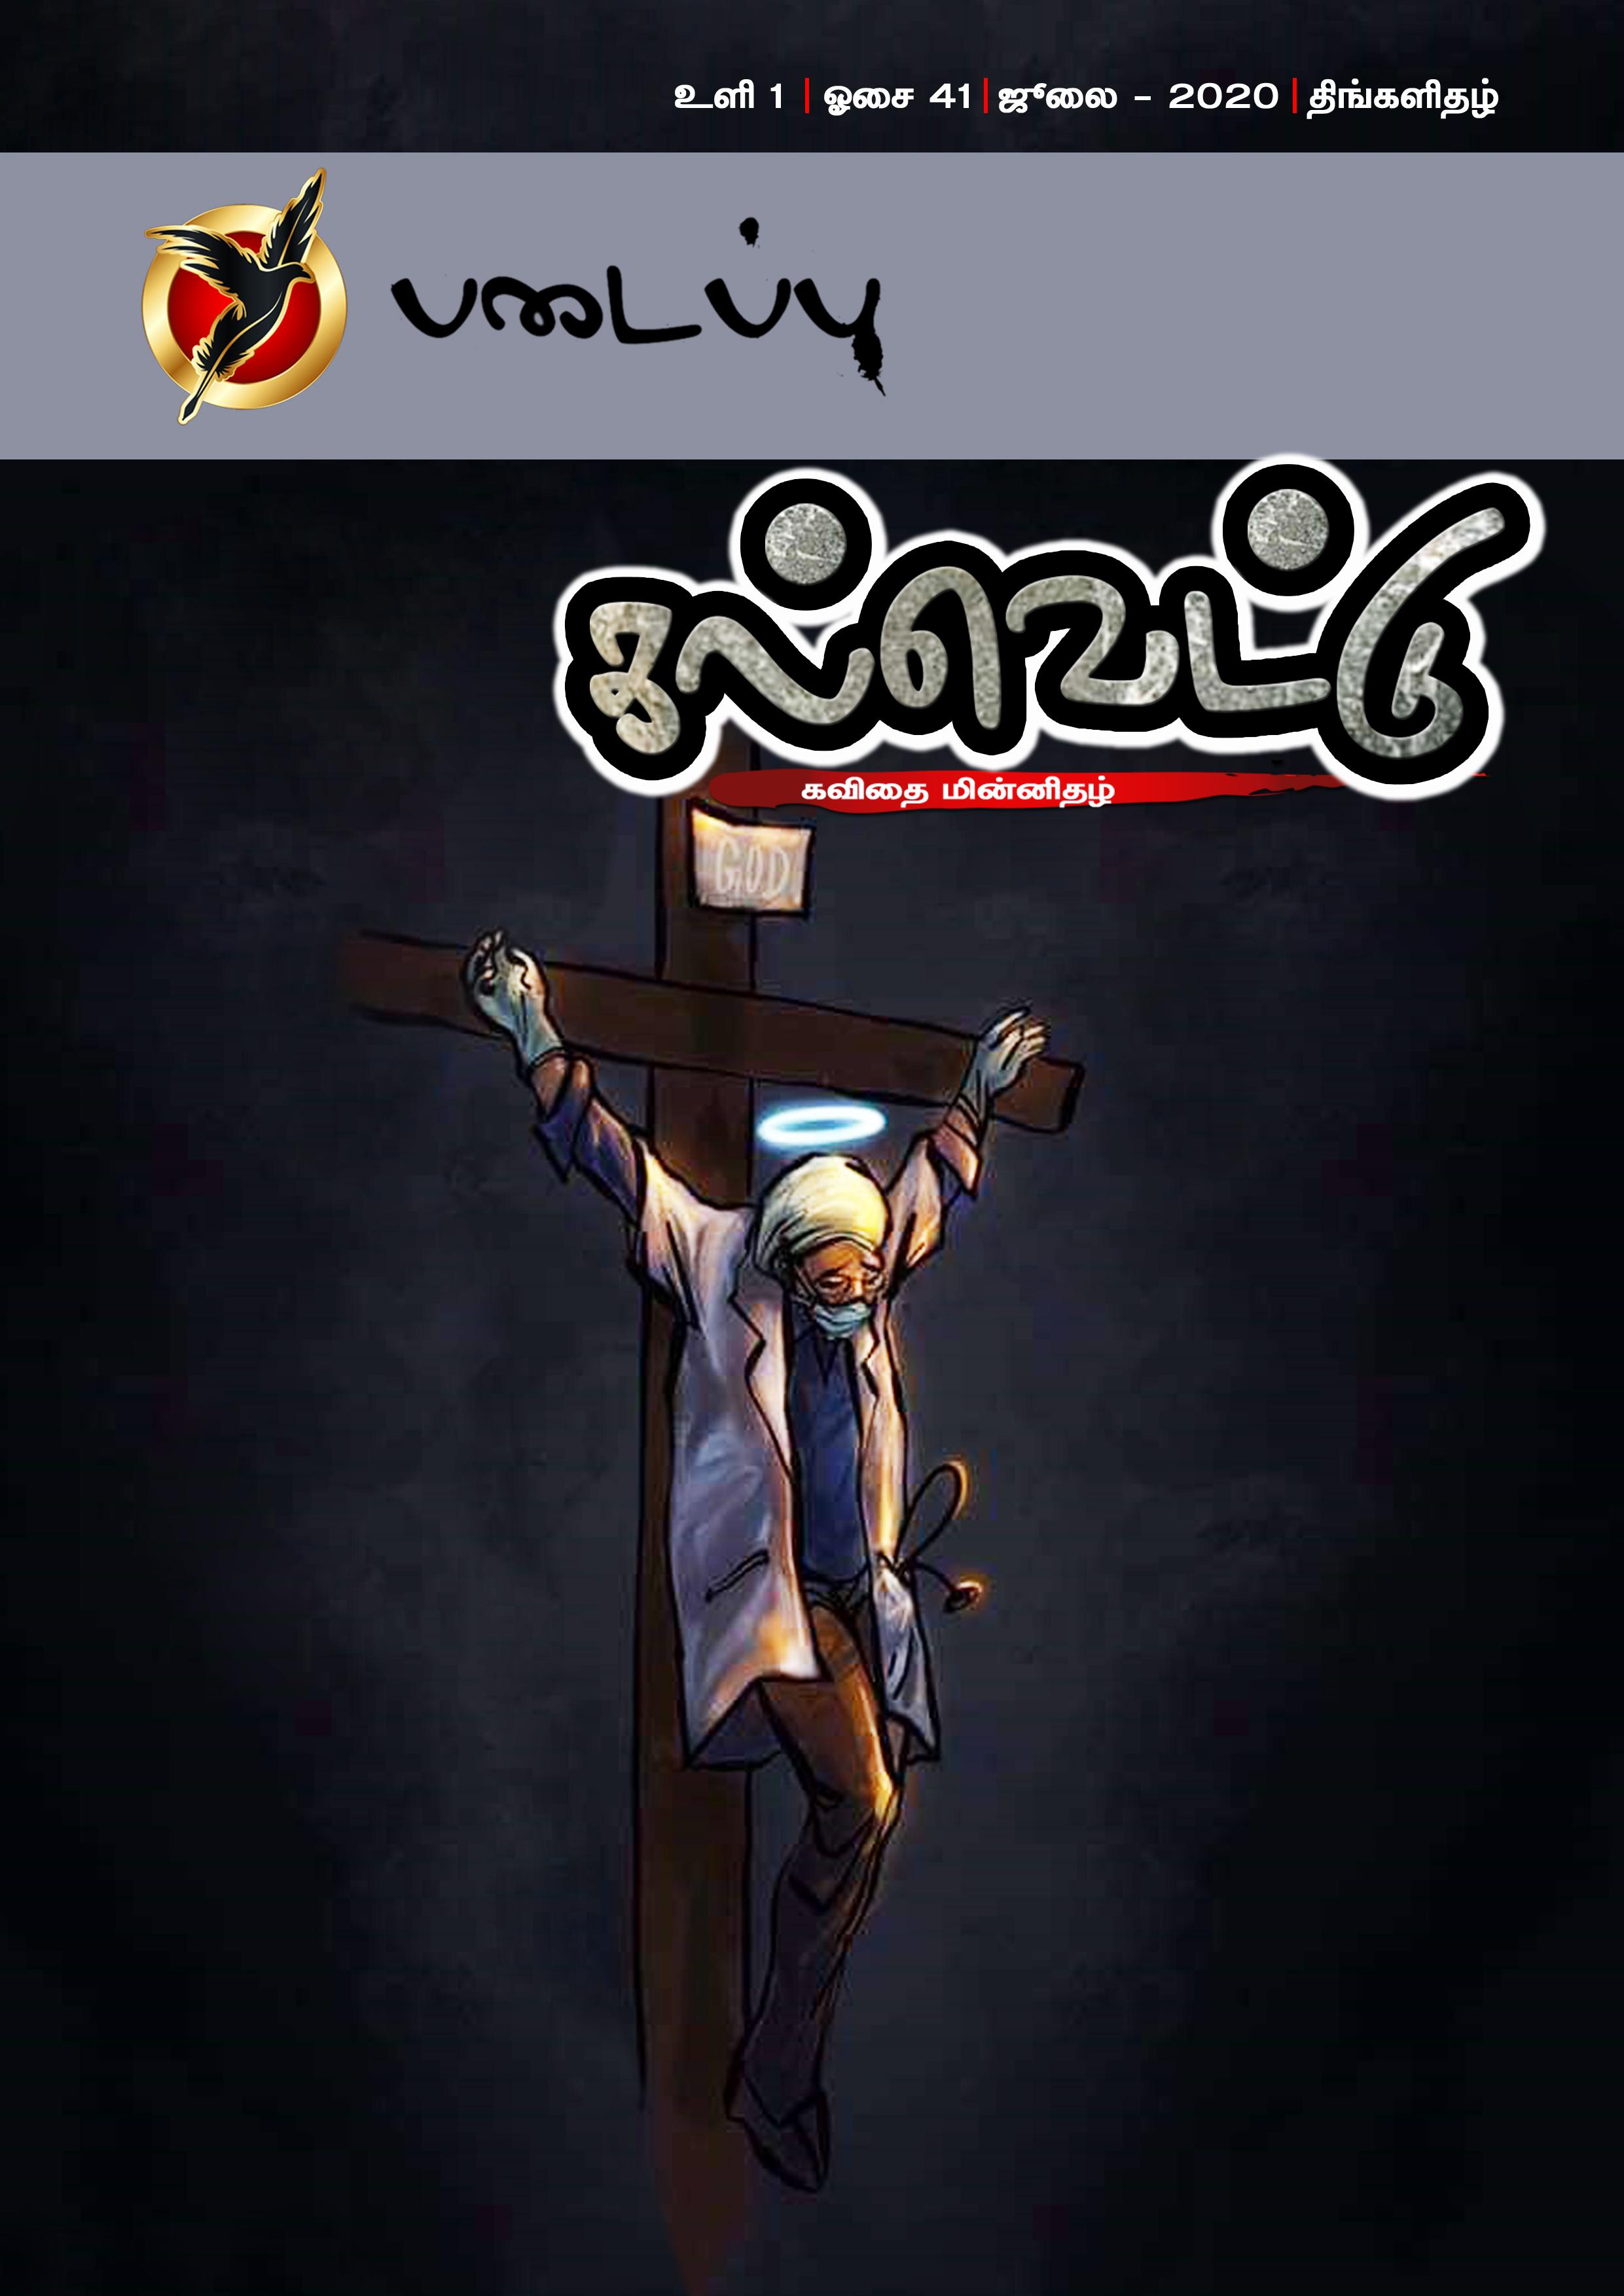 படைப்பு தகவு - கலை இலக்கிய திங்களிதழ் - 23